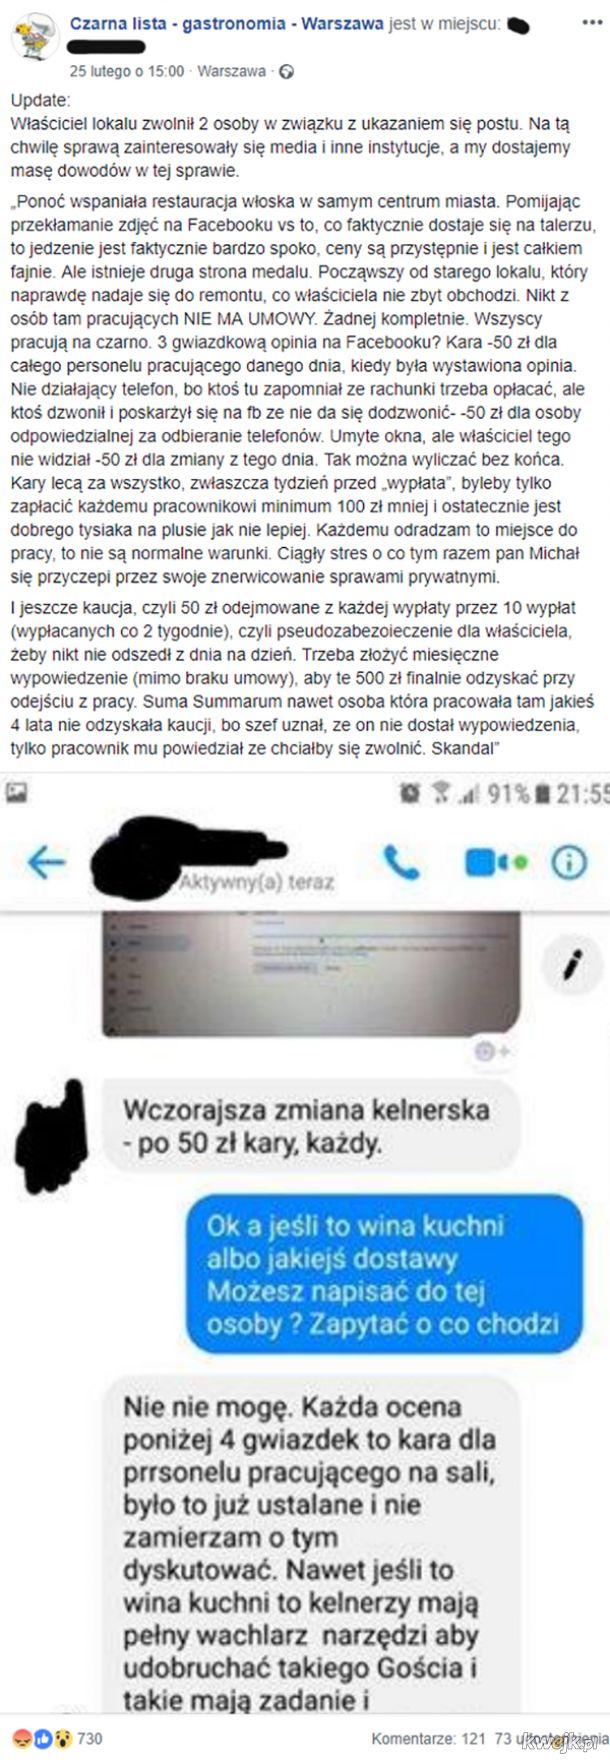 Gastronomiczne Janusze Biznesu